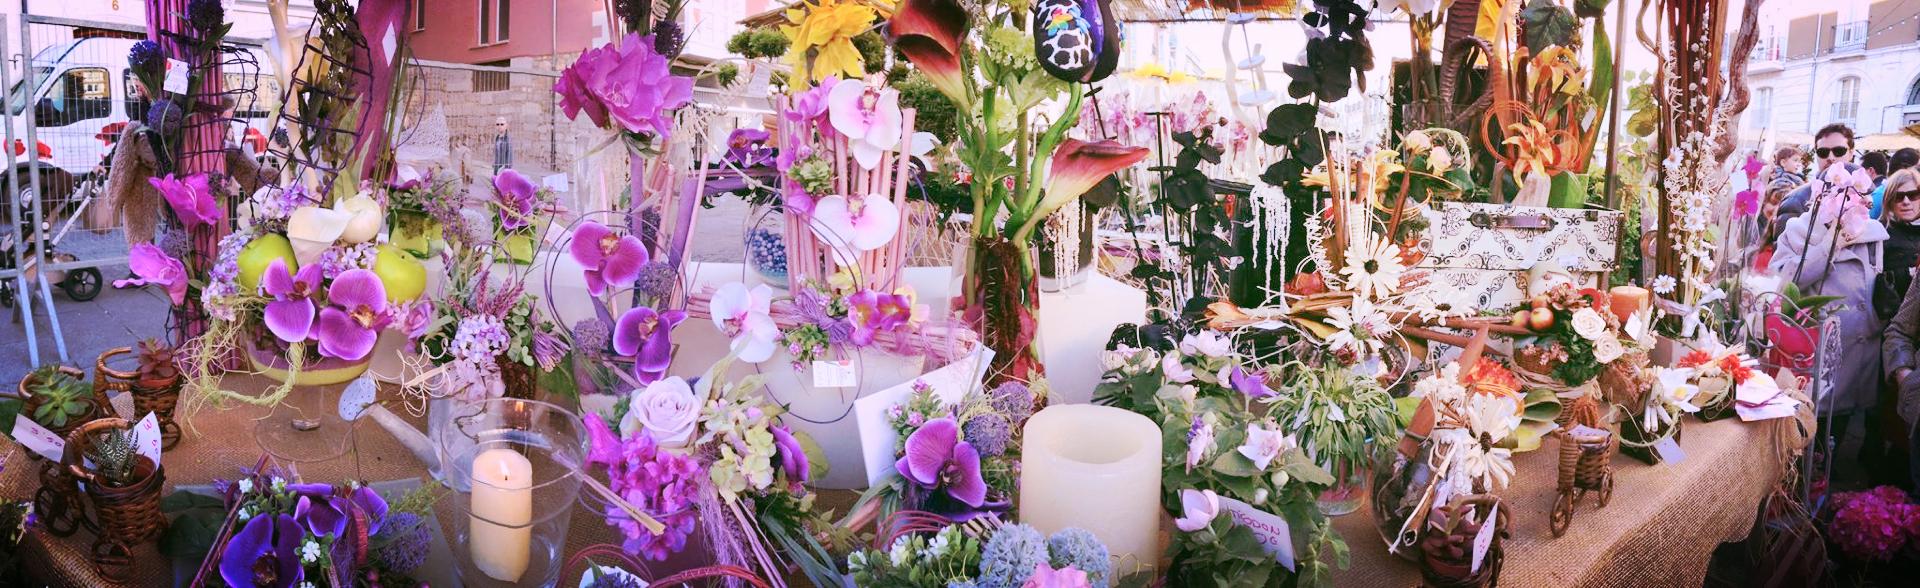 Decoración Floral tienda